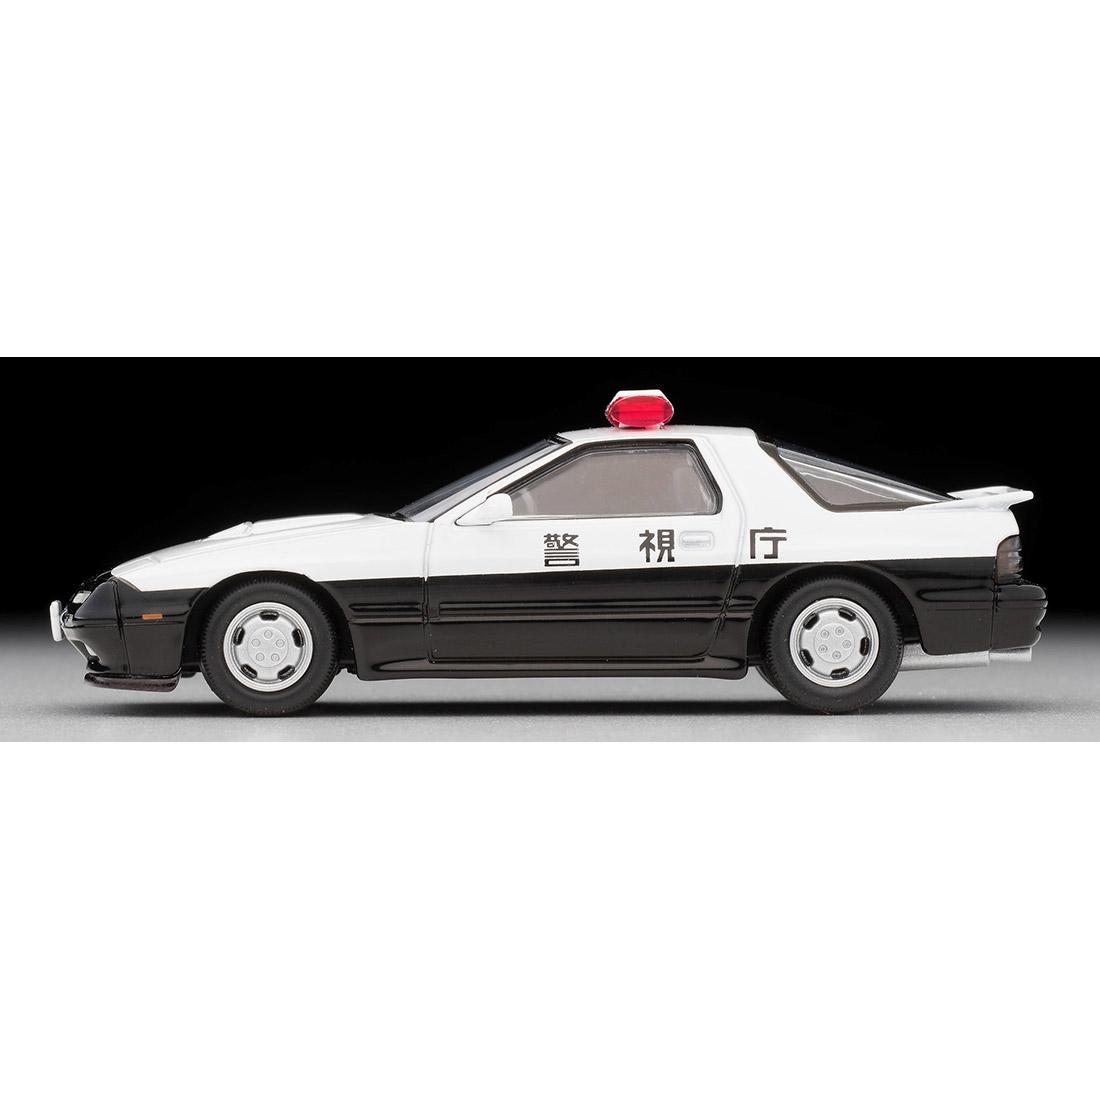 トミカリミテッドヴィンテージ ネオ『LV-N214a マツダ サバンナRX-7 パトカー(警視庁)』ミニカー-005